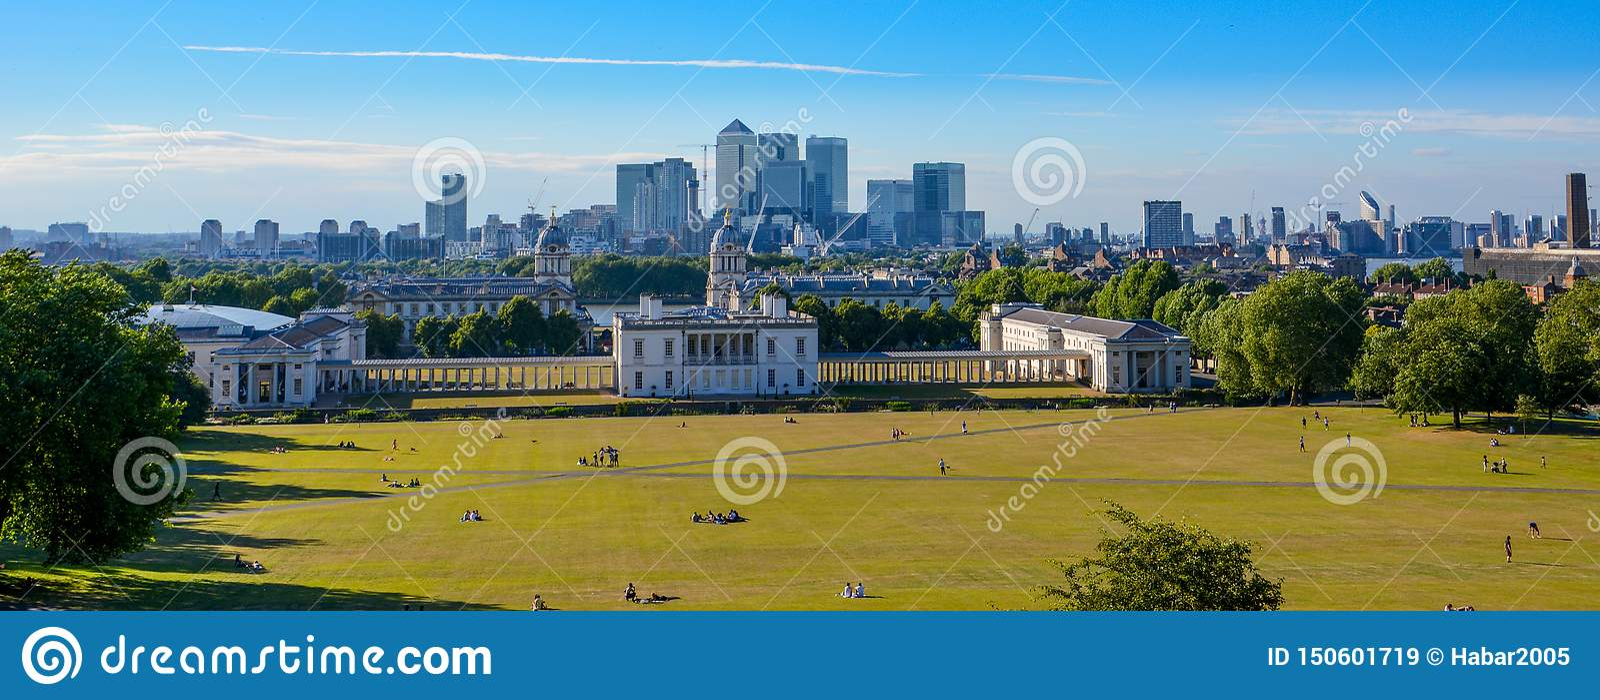 Взгляд городского пейзажа панорамы от Гринвич, Лондона, Англии, Великобритании